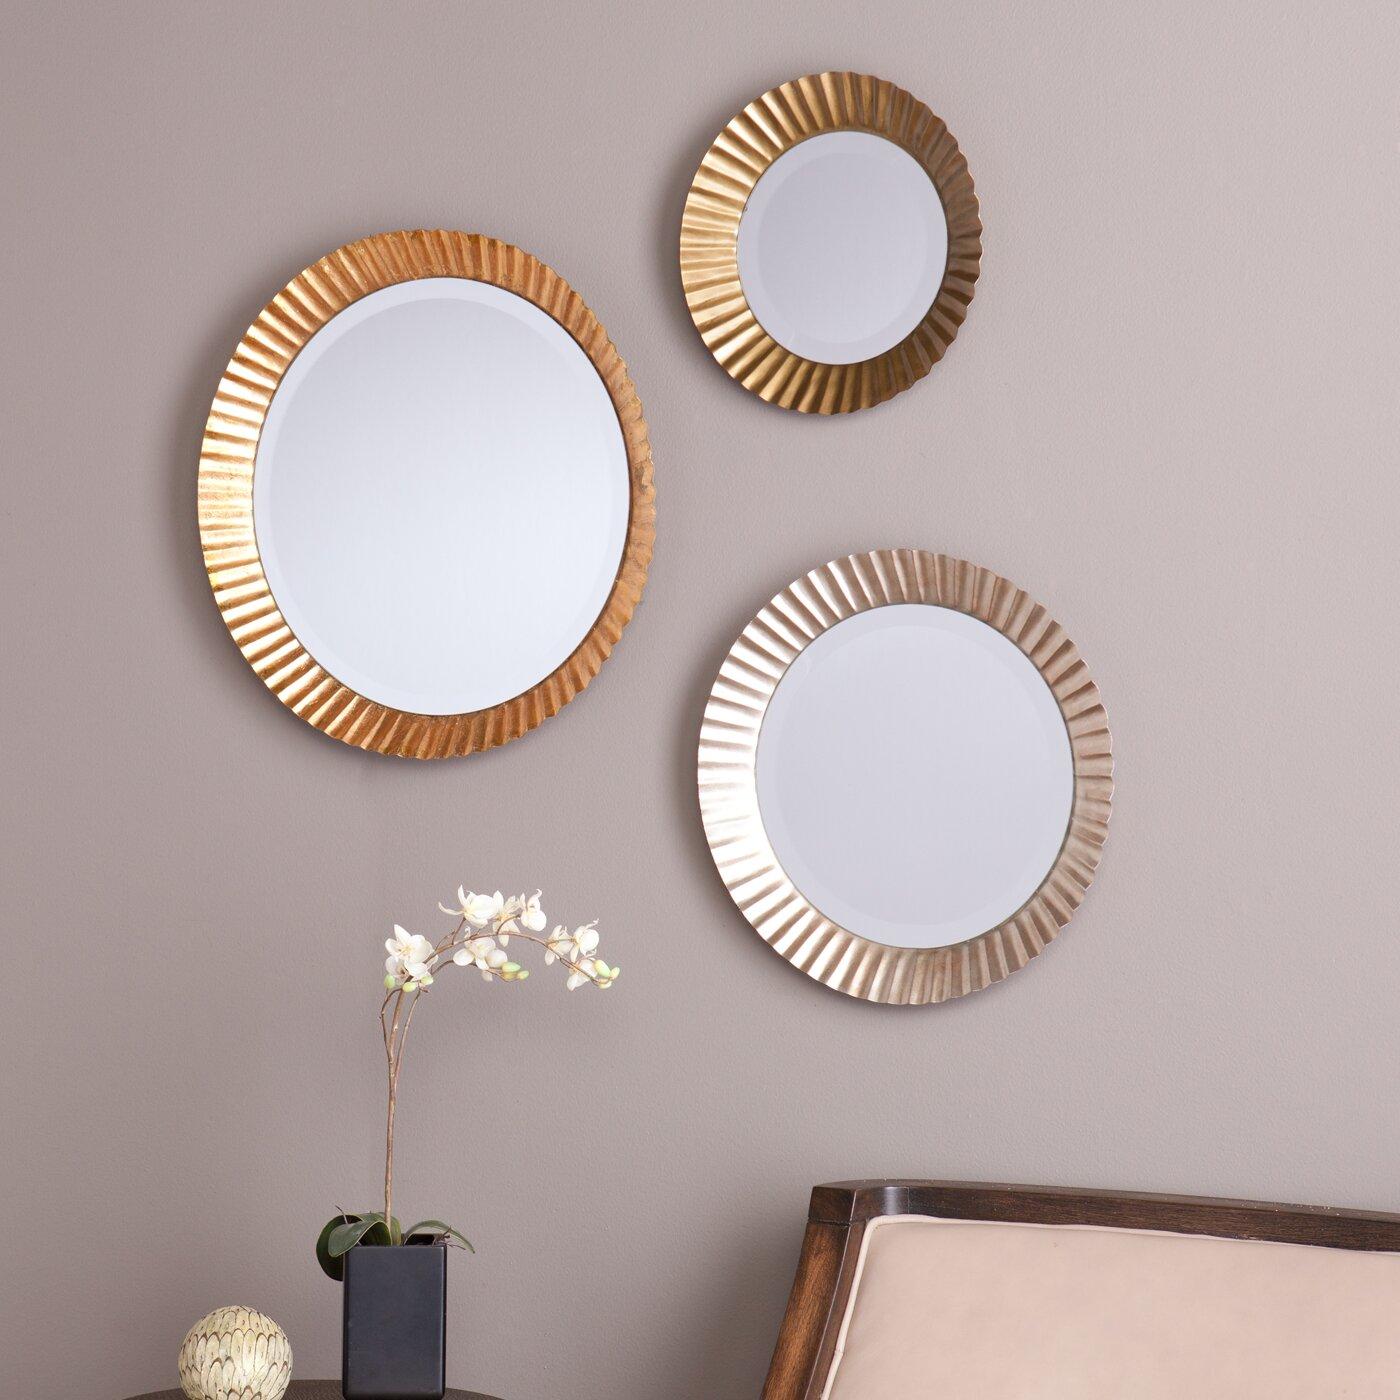 3 Piece Utensil Wall Décor Set : Brayden studio piece wall mirror set reviews wayfair